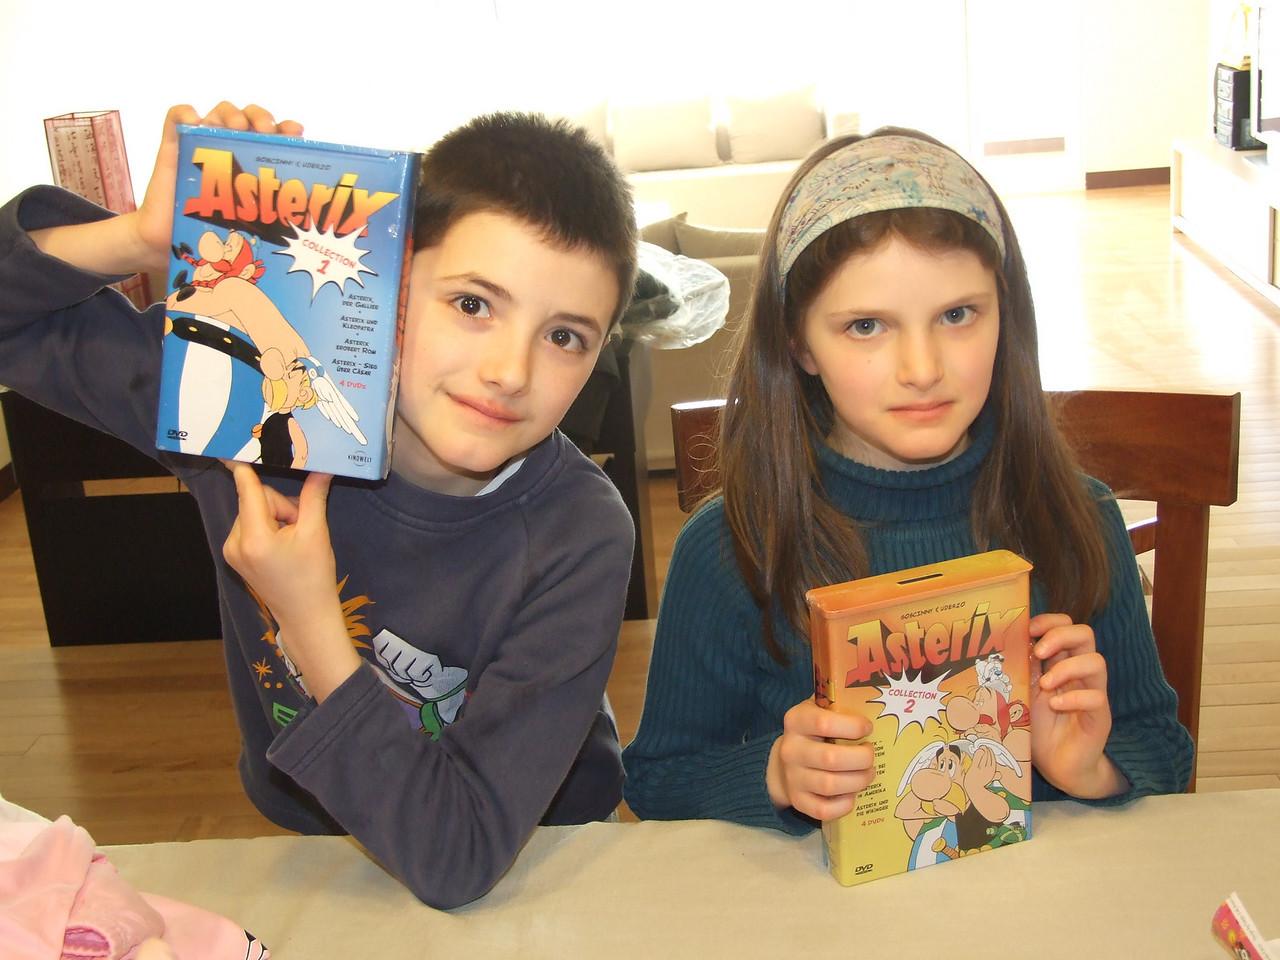 DVD Astérix, même pour Daniel!